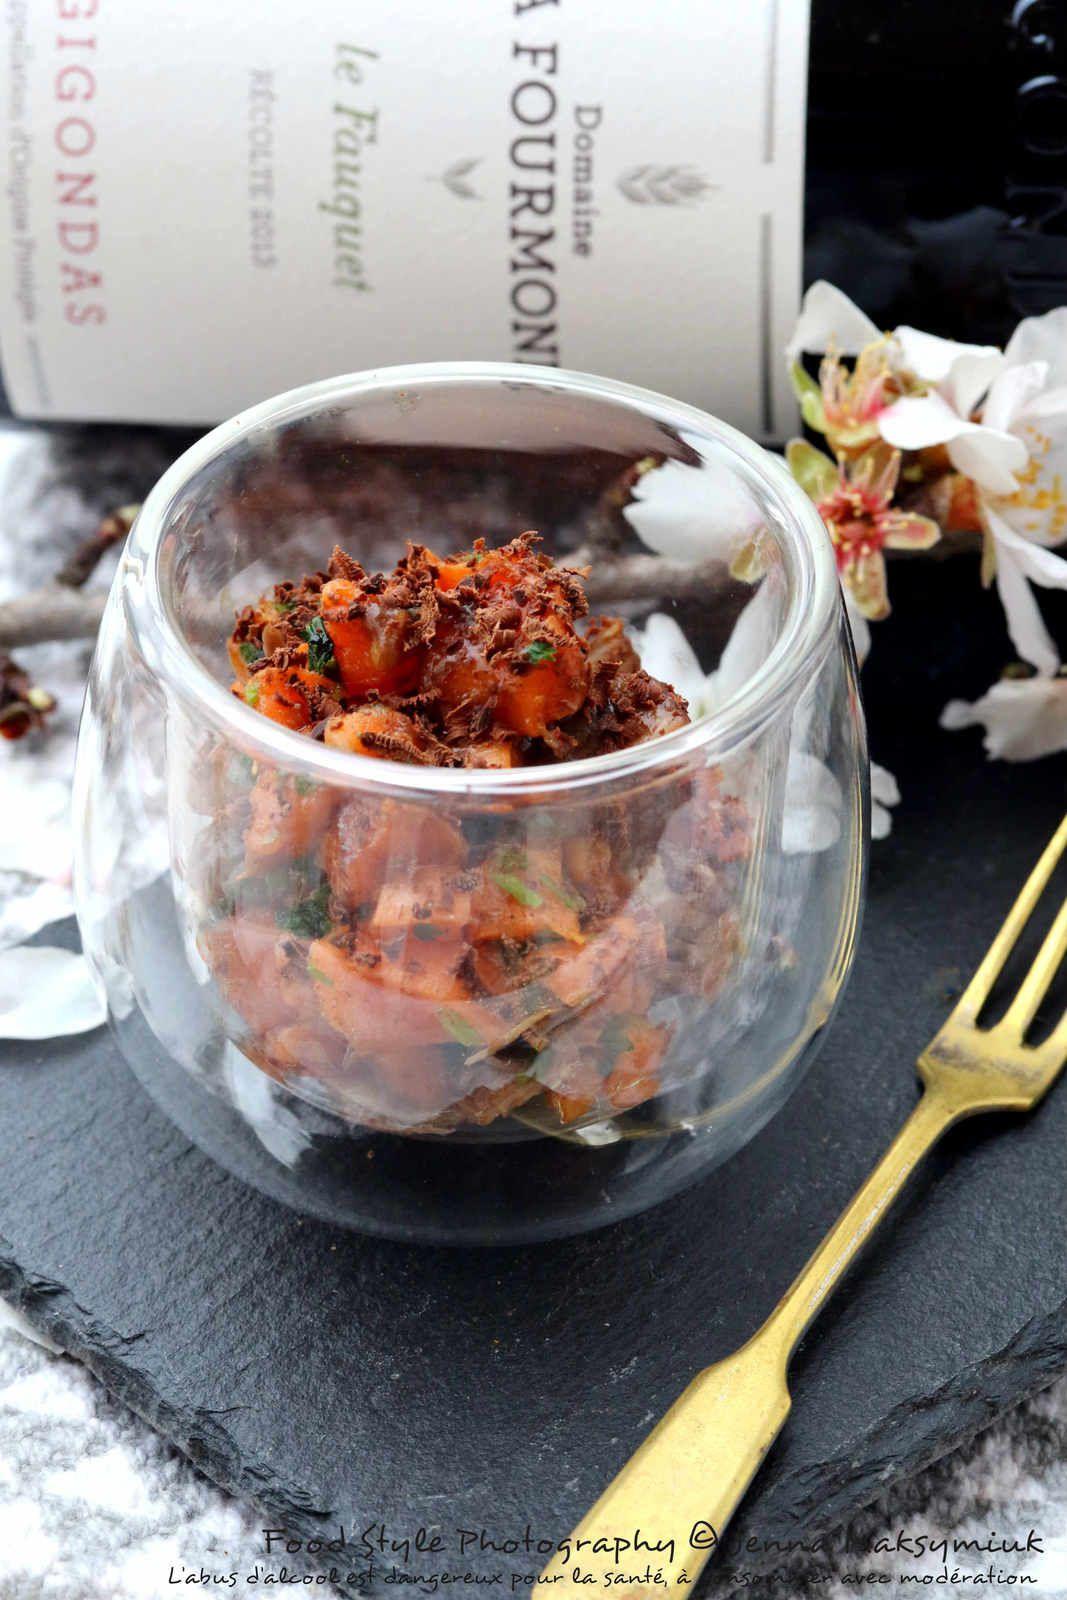 Verrine de boeuf bourguignon et ses carottes, revisité